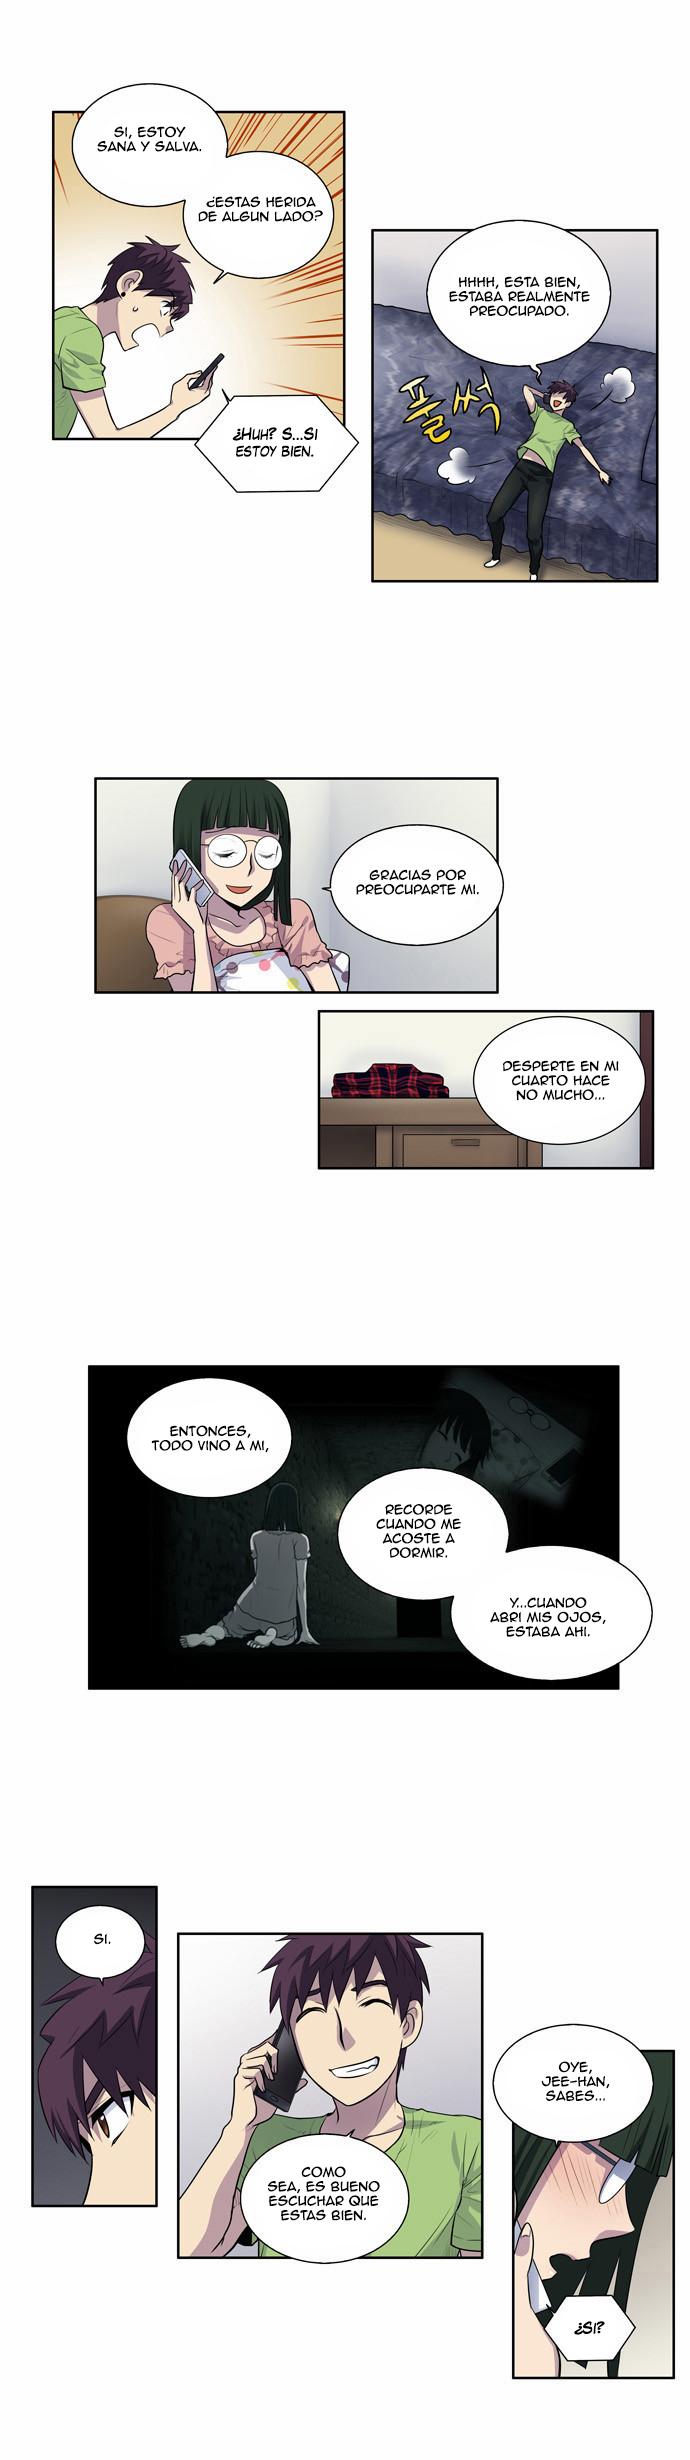 http://c5.ninemanga.com/es_manga/61/1725/423524/03ff447ef1e3bdc63deeadf72ab15acd.jpg Page 7